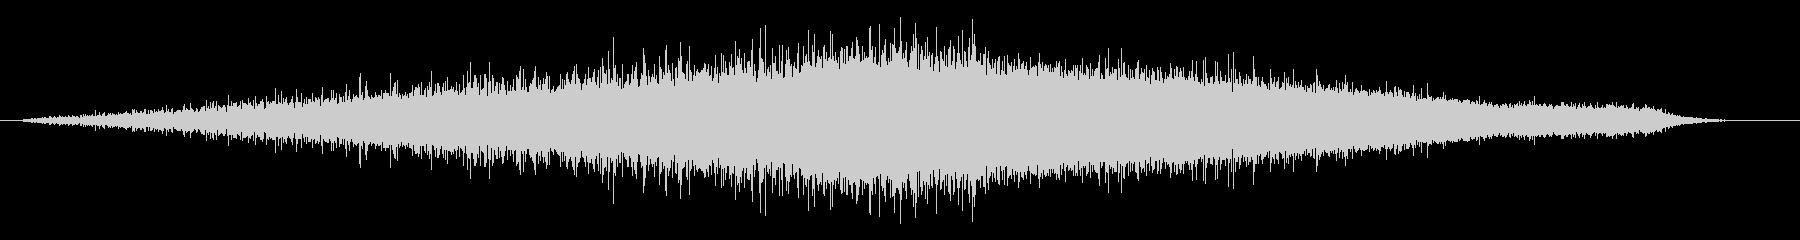 雨の音07の未再生の波形